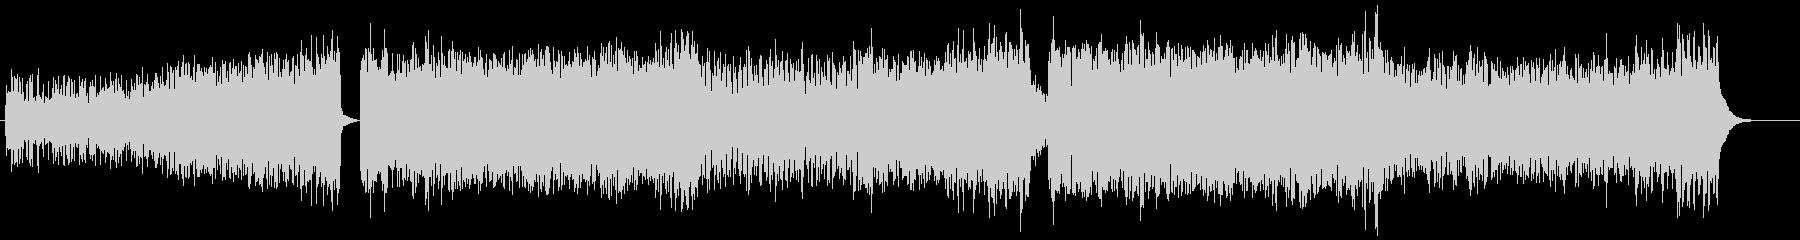 ハイテンションアゲアゲ系UKハードコアの未再生の波形